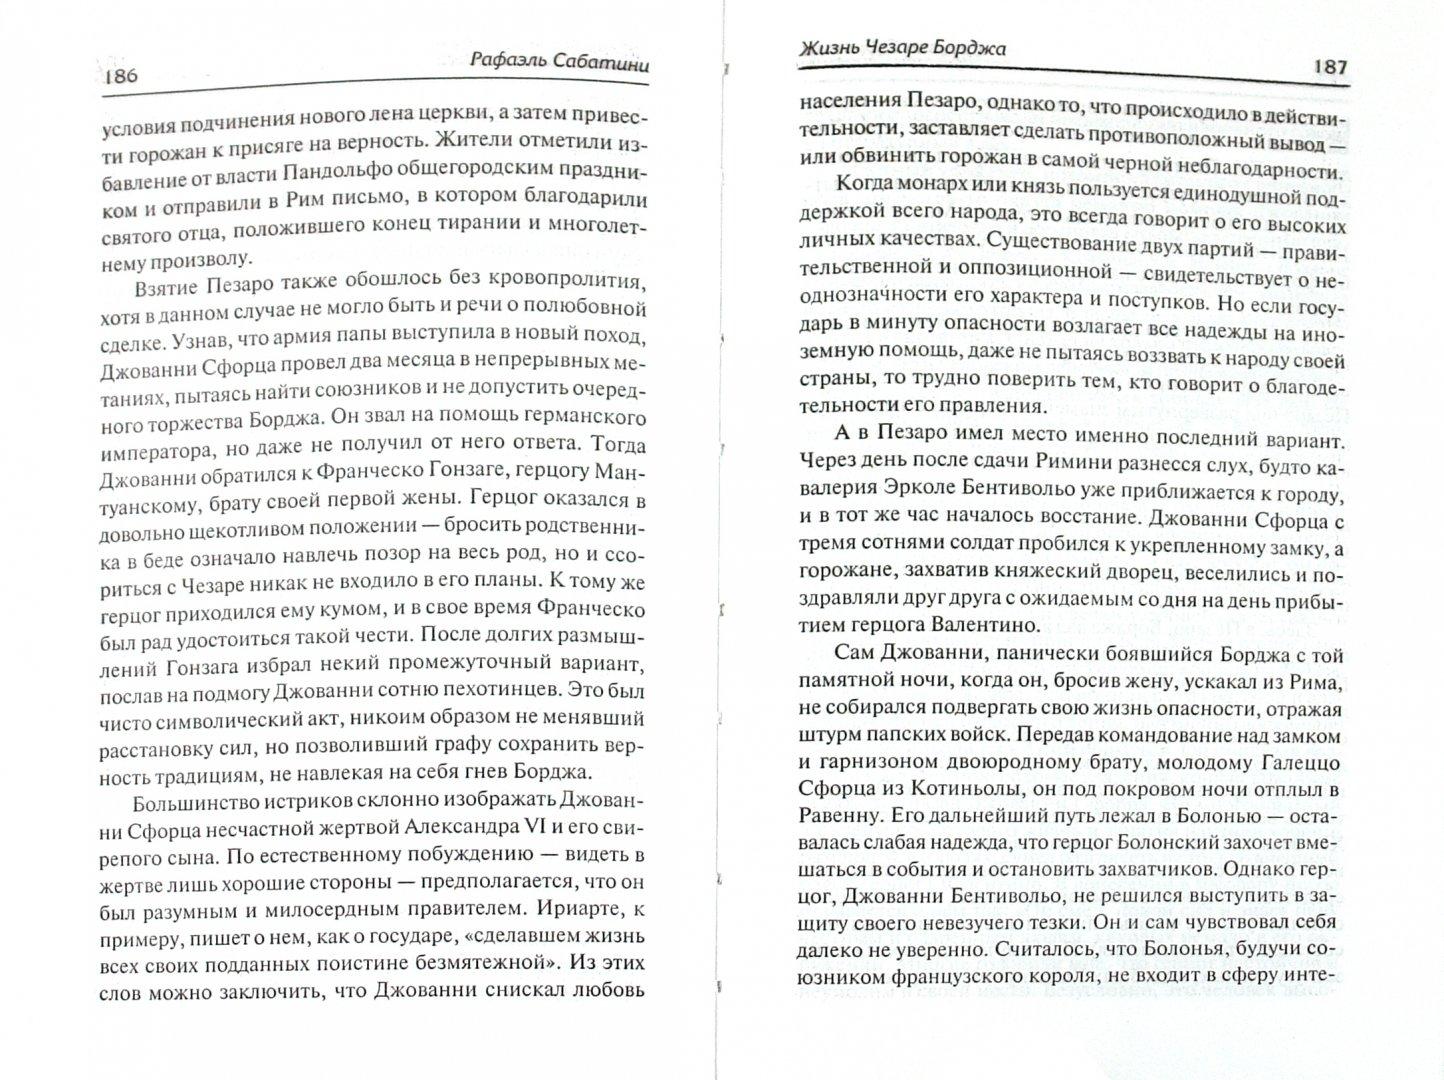 Иллюстрация 1 из 28 для Жизнь Чезаре Борджа - Рафаэль Сабатини   Лабиринт - книги. Источник: Лабиринт